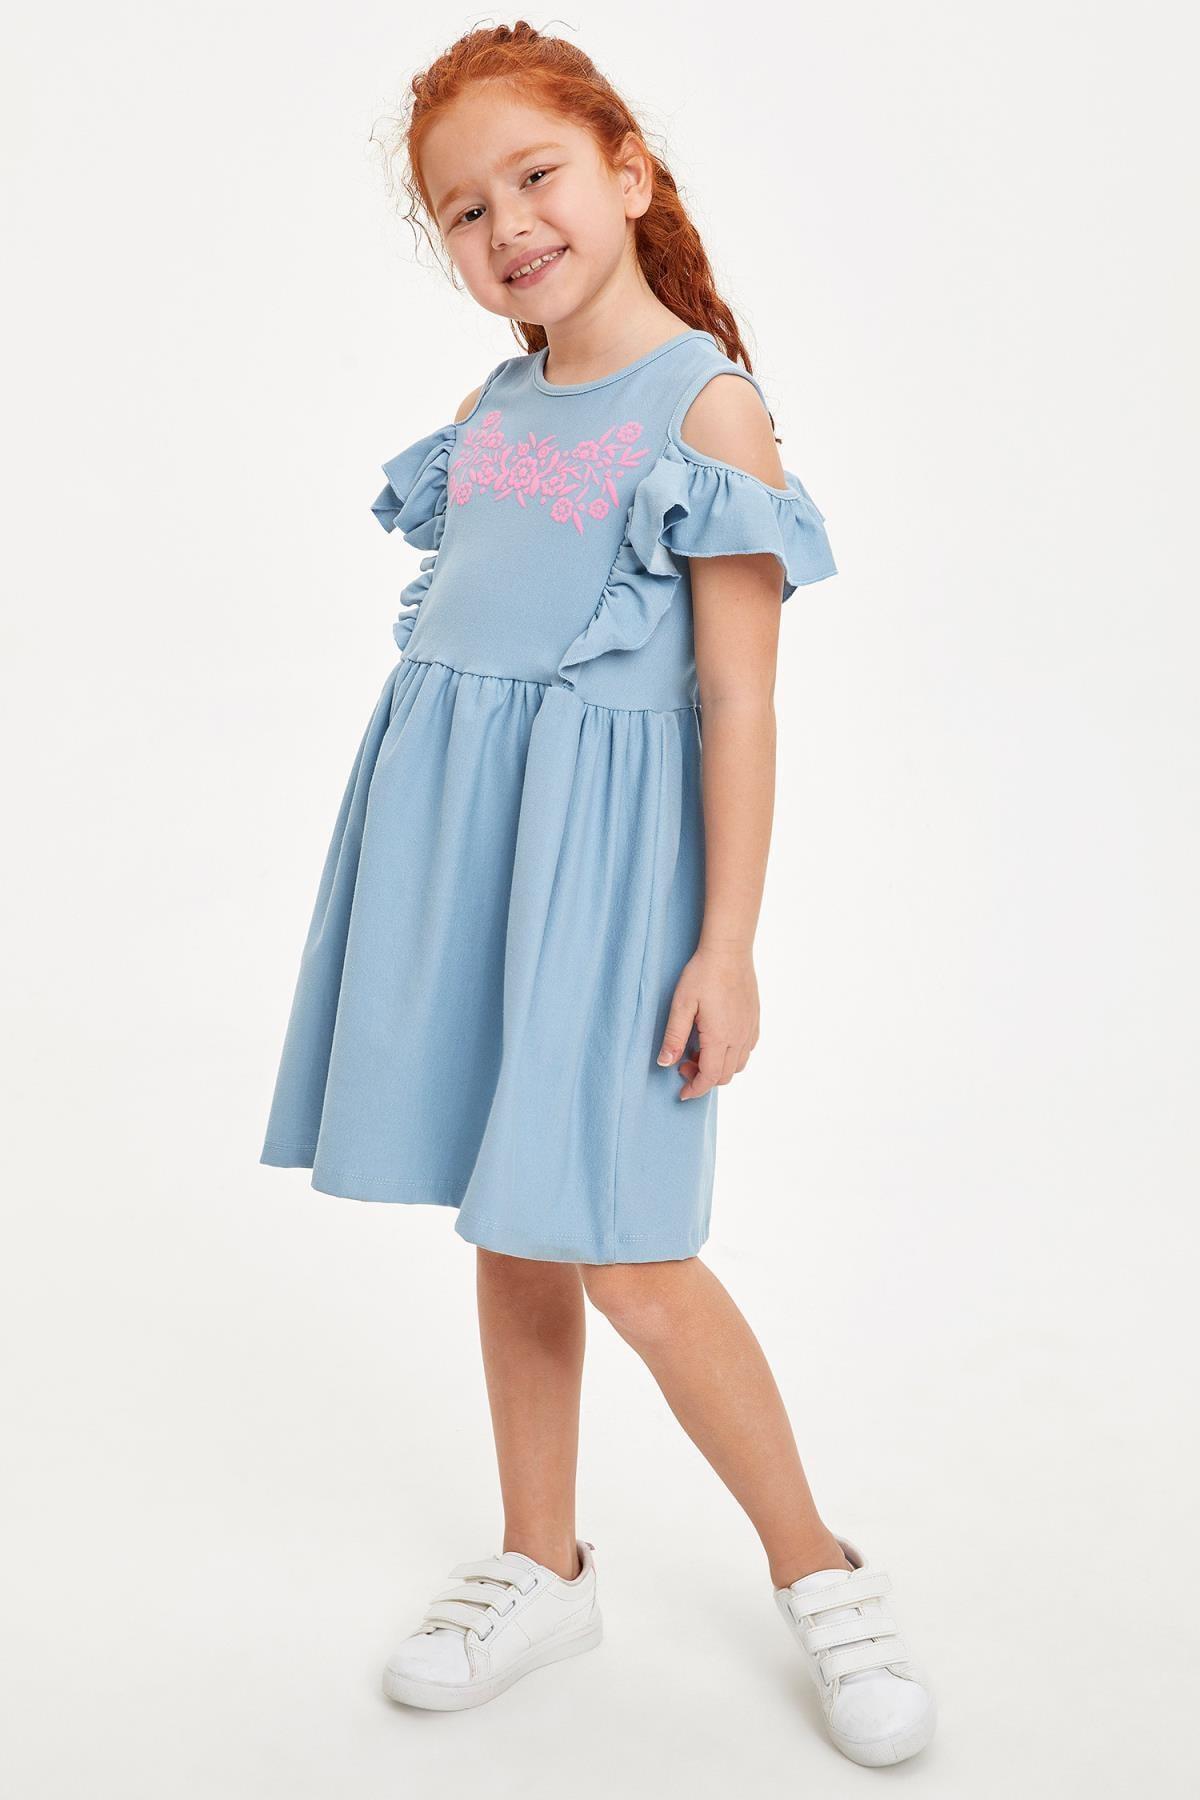 Defacto Kız Çocuk Baskılı Kol Detaylı Örme Elbise 1